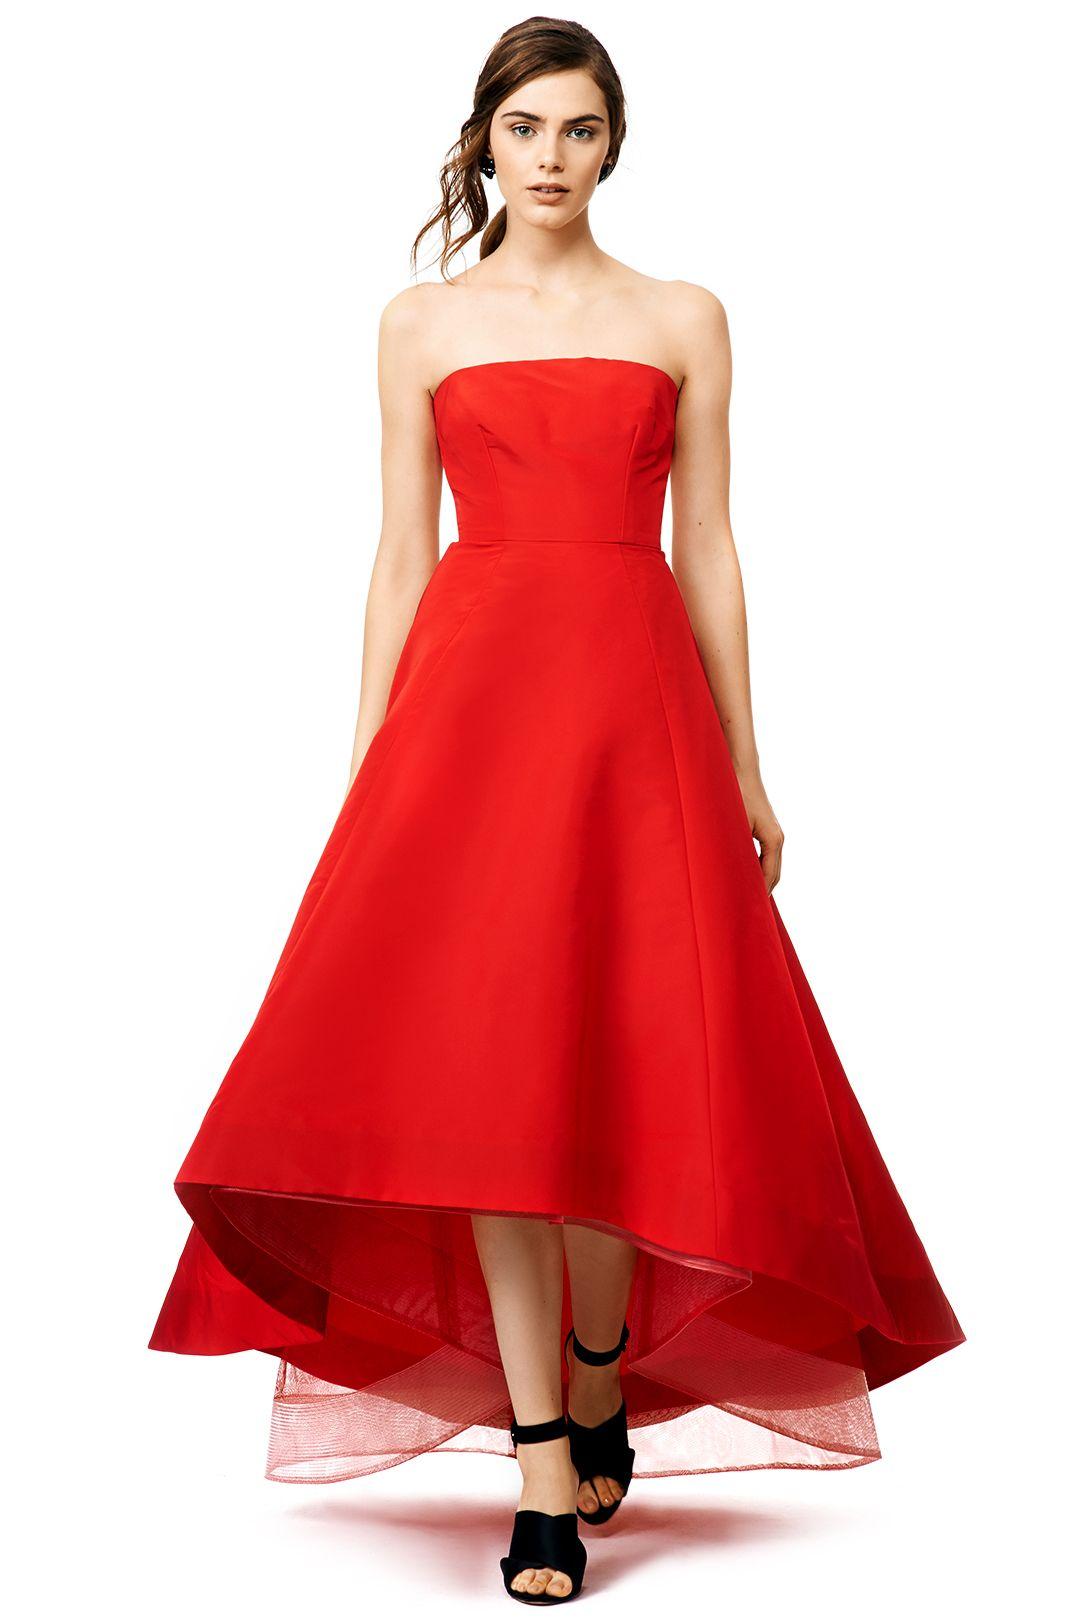 Triumph Gown | Scarlet Fever | Pinterest | Monique lhuillier, Gowns ...